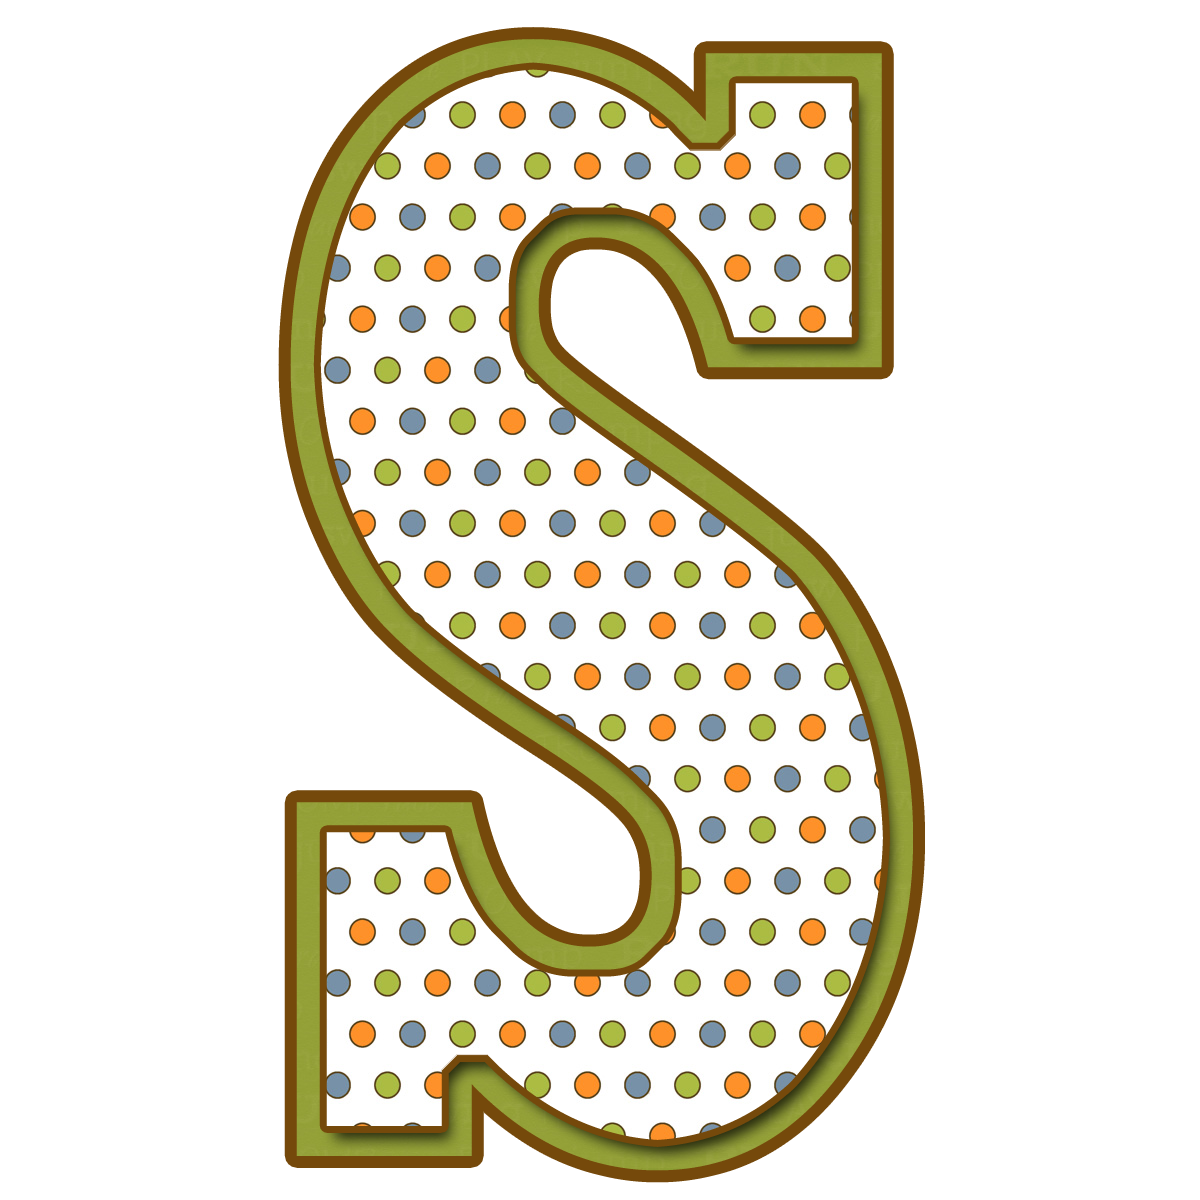 Resultado de imagen de letras abecedario de lunares verdes